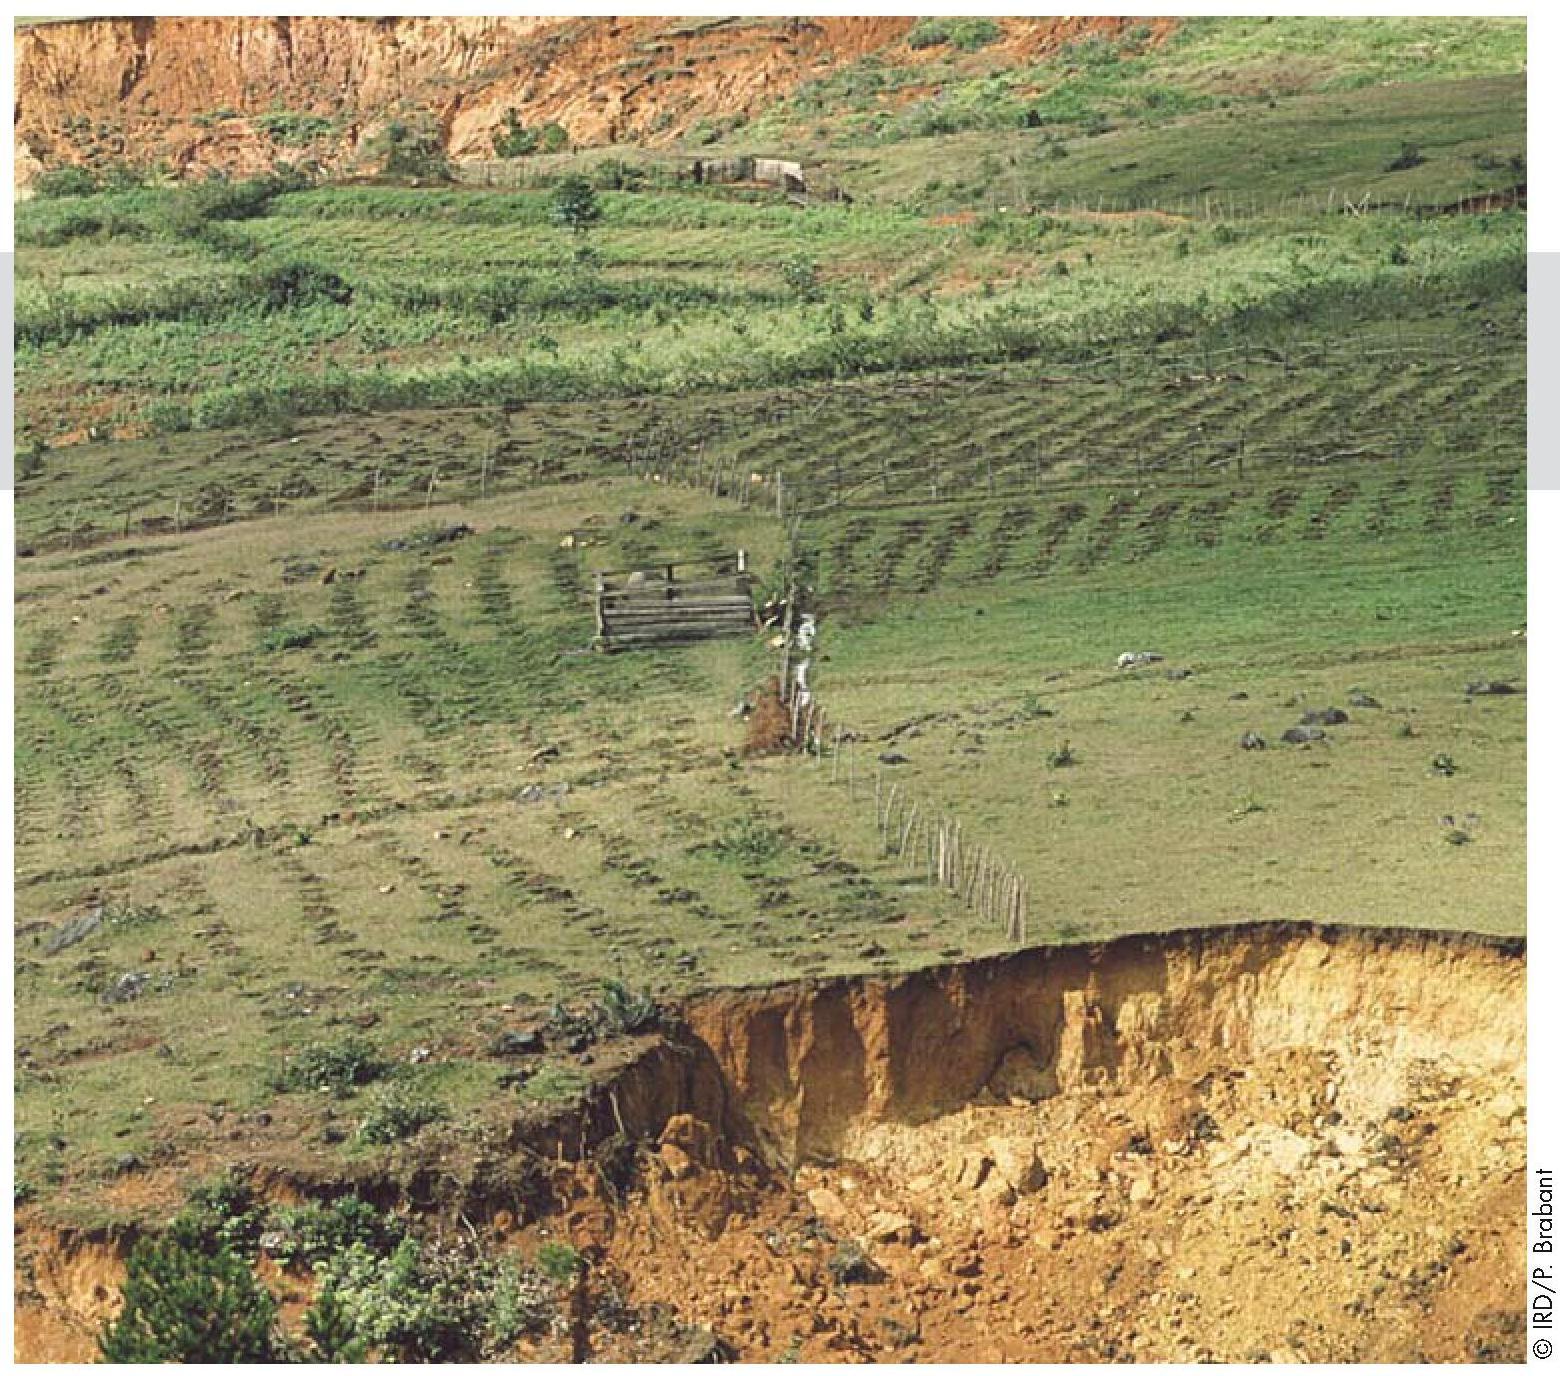 Résultats de recherche d'images pour «terre abimée par les hommes»